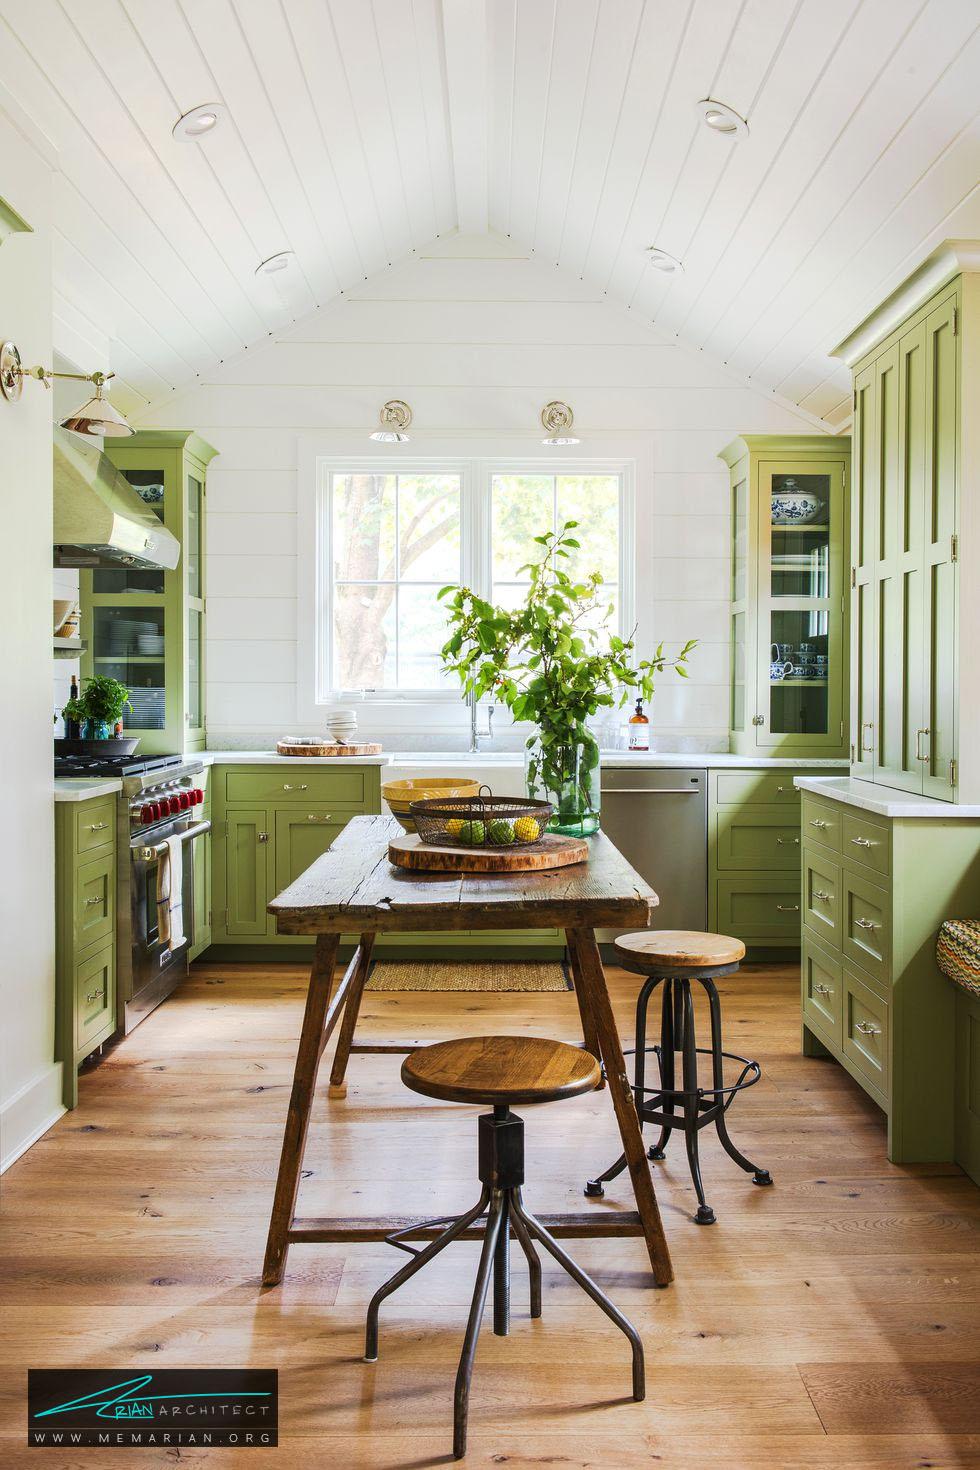 میز بلند در چیدمان دکوراسیون آشپزخانه - 20 ایده جذاب برای چیدمان دکوراسیون آشپزخانه